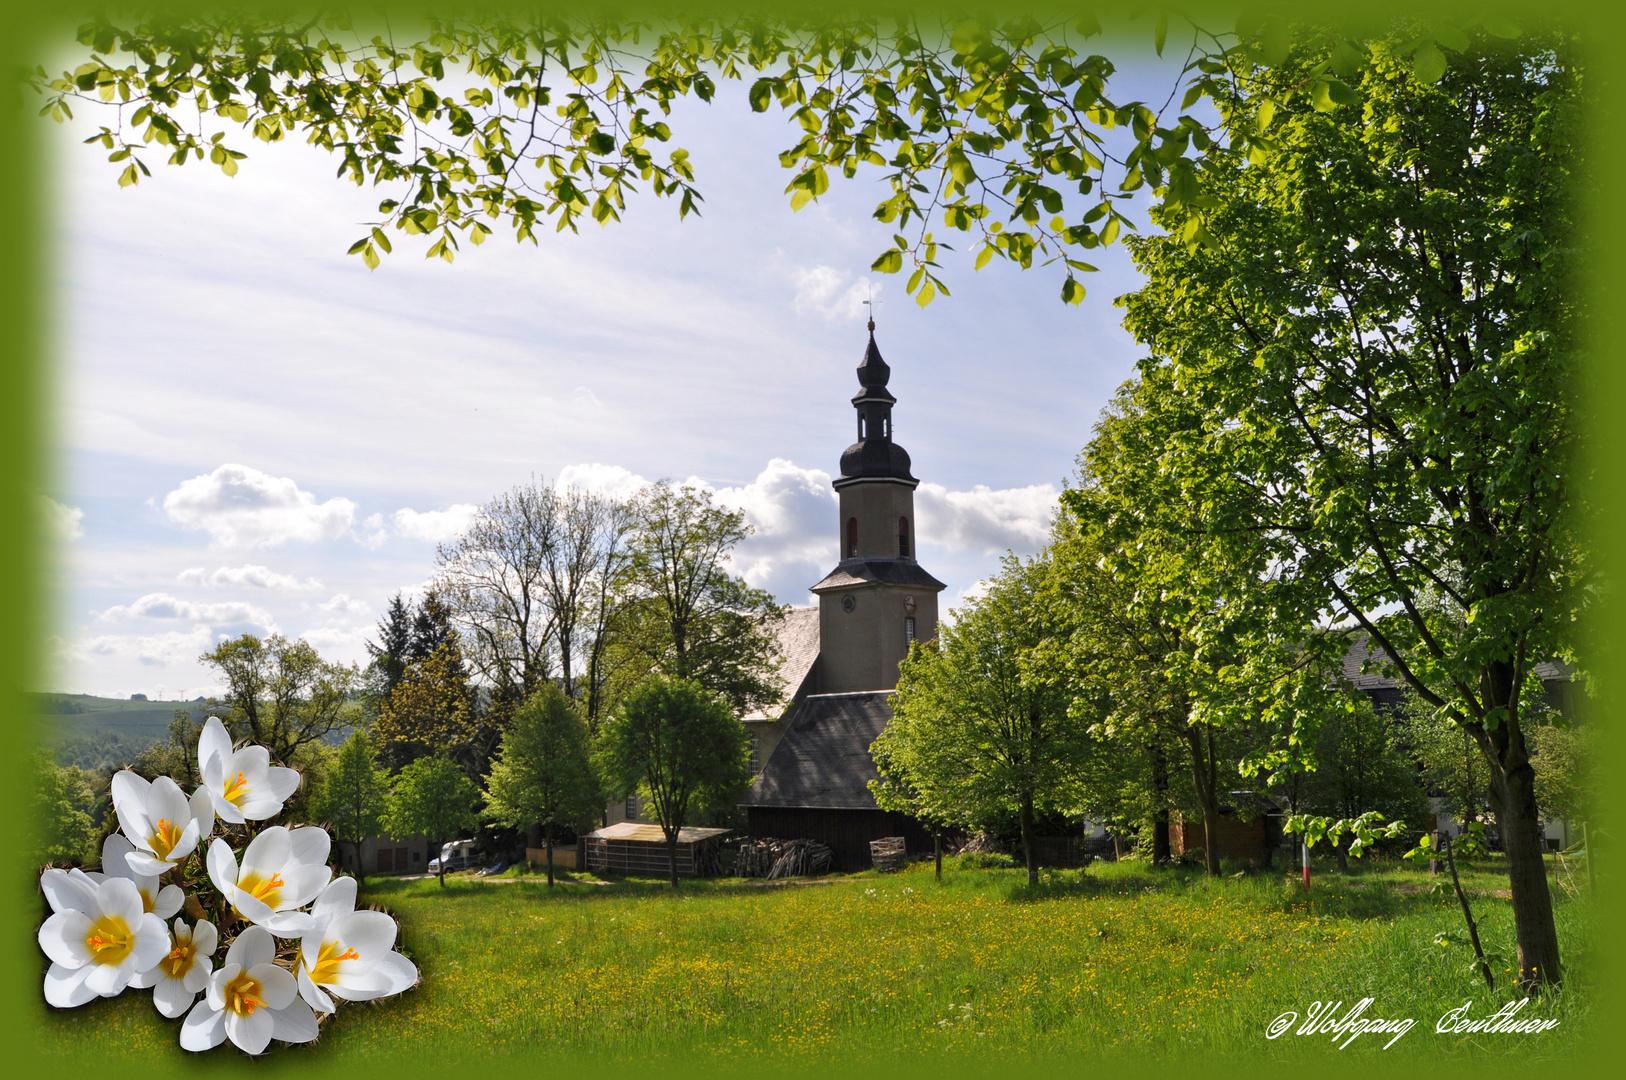 Kirche von Wildbach nördlich von Schneeberg